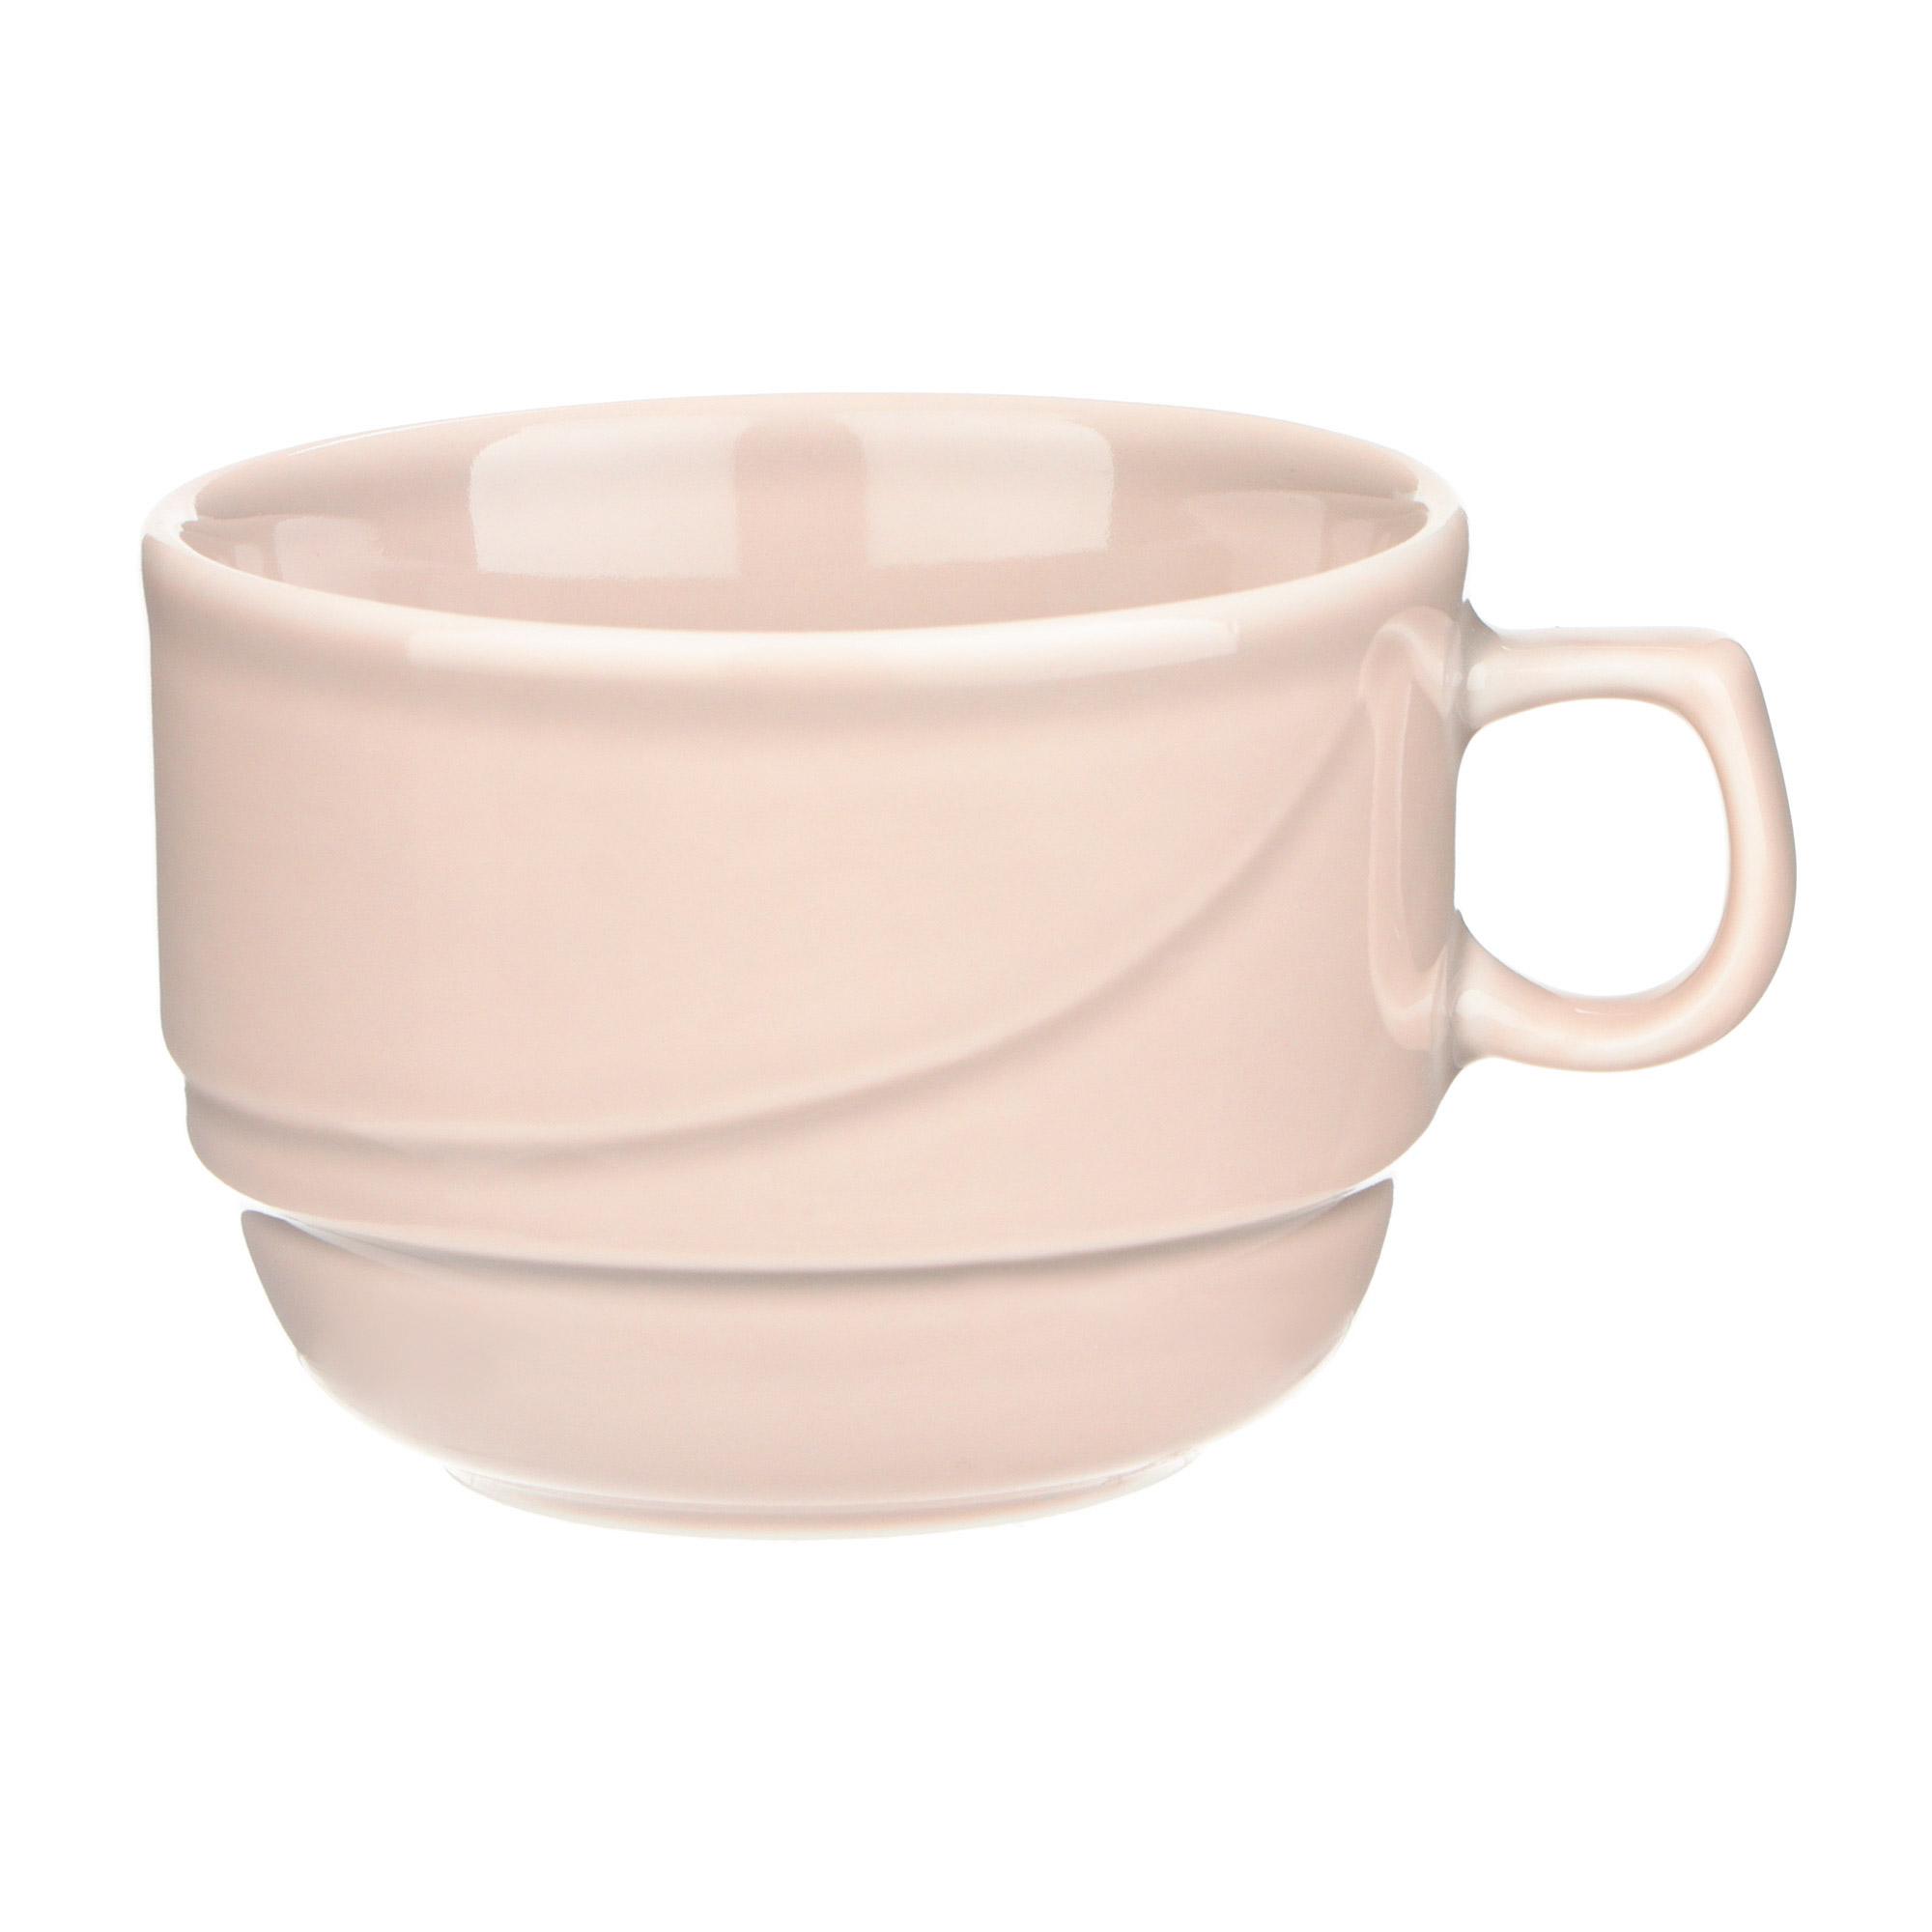 Чашка чайная Башкирский фарфор Принц 190 мл розовый